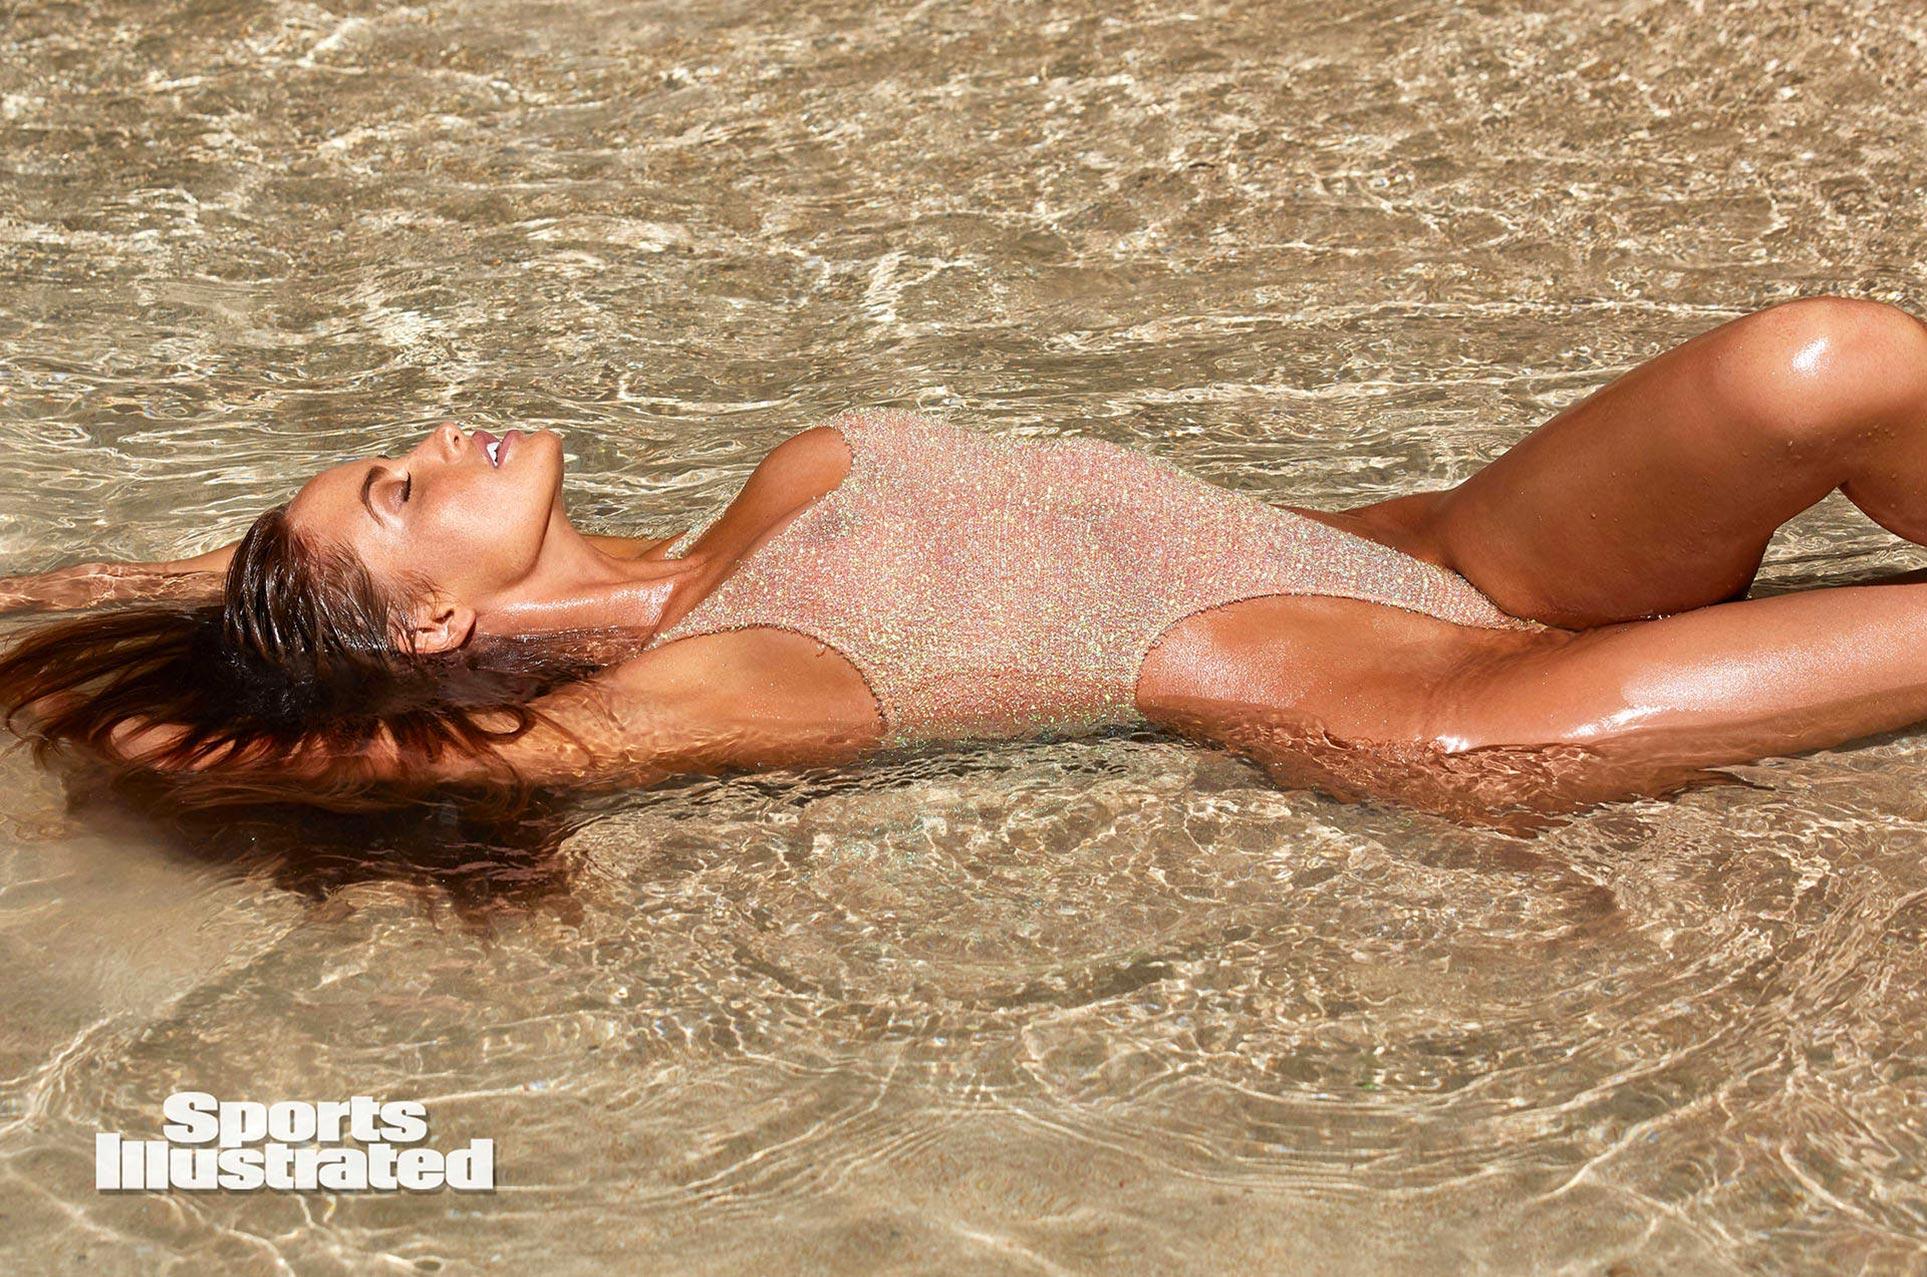 Хейли Калил в каталоге купальников Sports Illustrated Swimsuit 2020 / фото 17